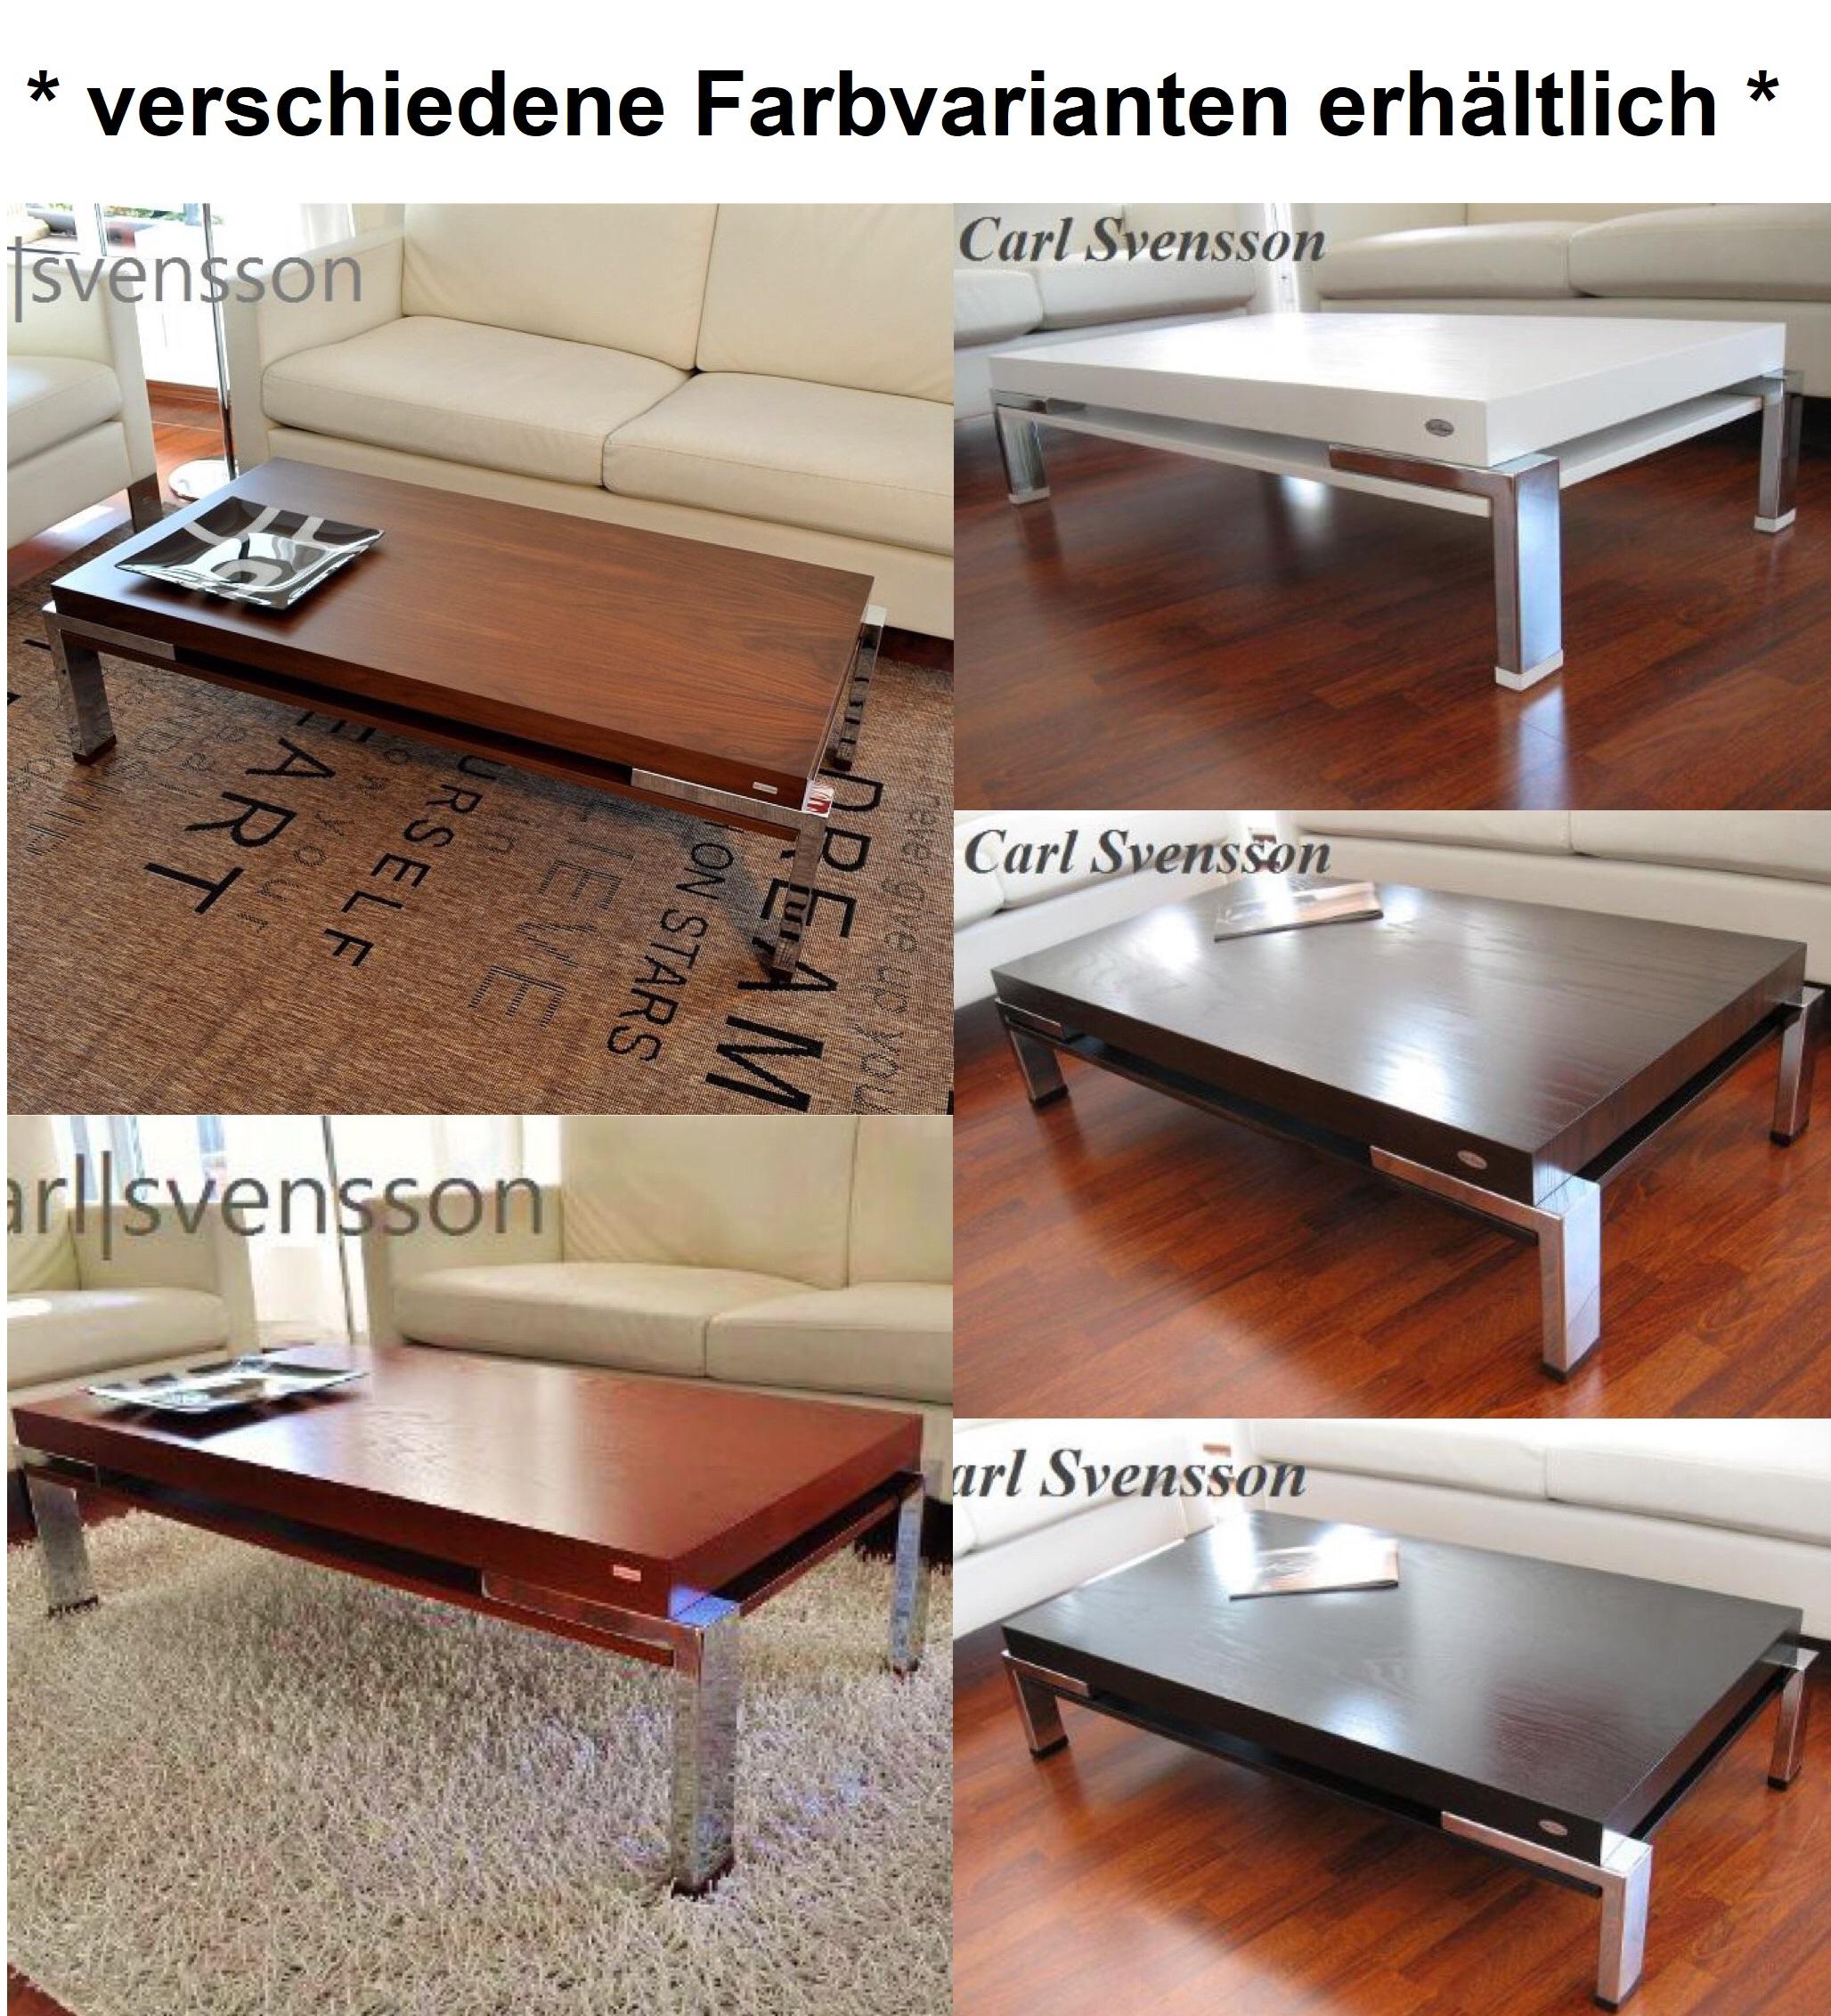 Design couchtisch tisch k 111 kirschbaum kirsche chrom for Design couchtisch h 111